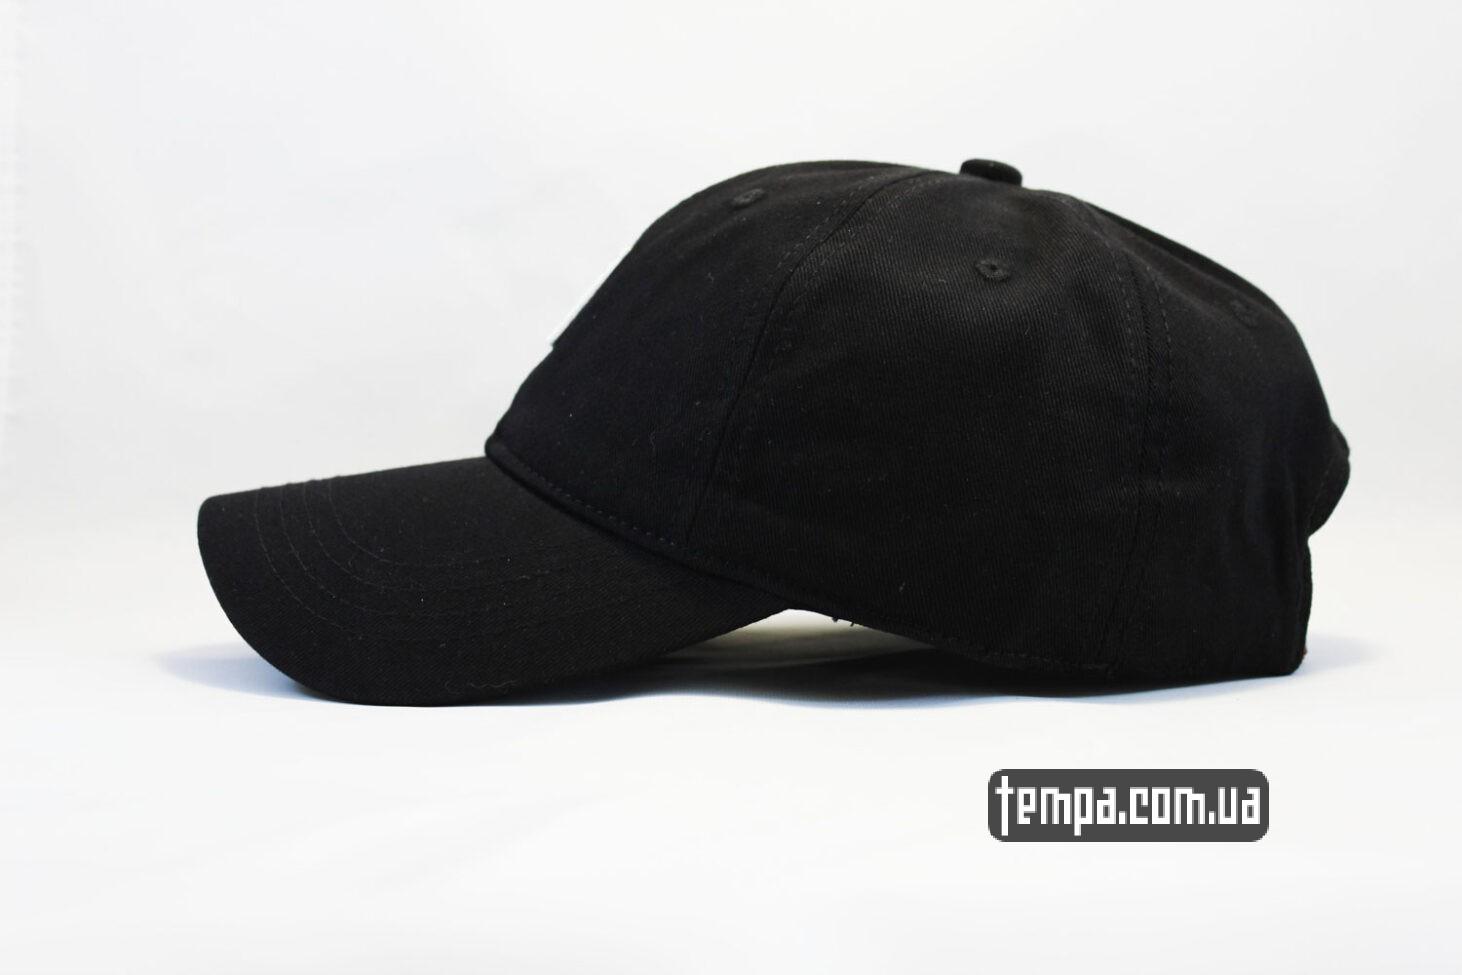 чисто черная кепка бейсболка Carhartt с нашивкой черная